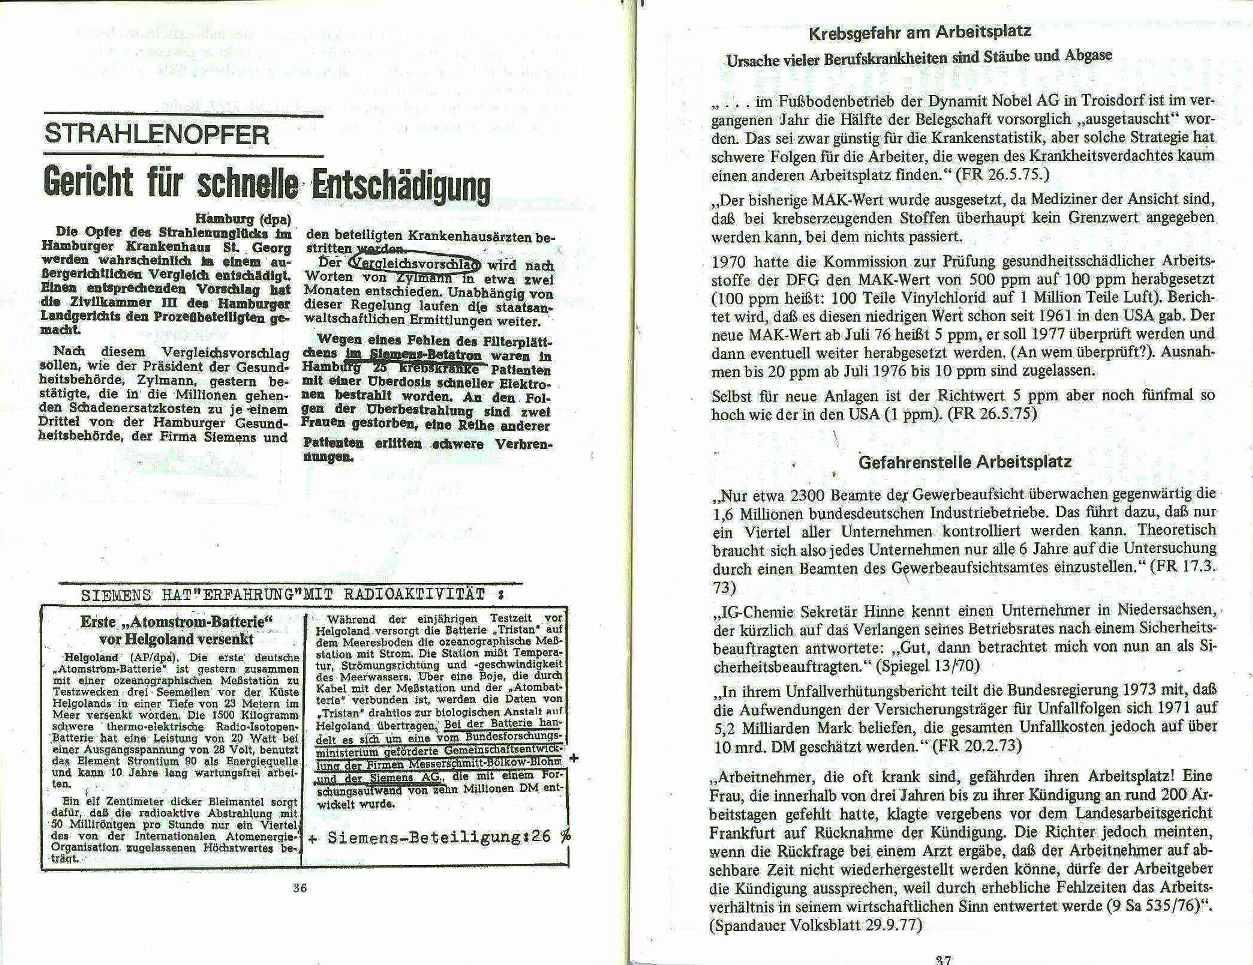 Berlin_KPDSiemens021